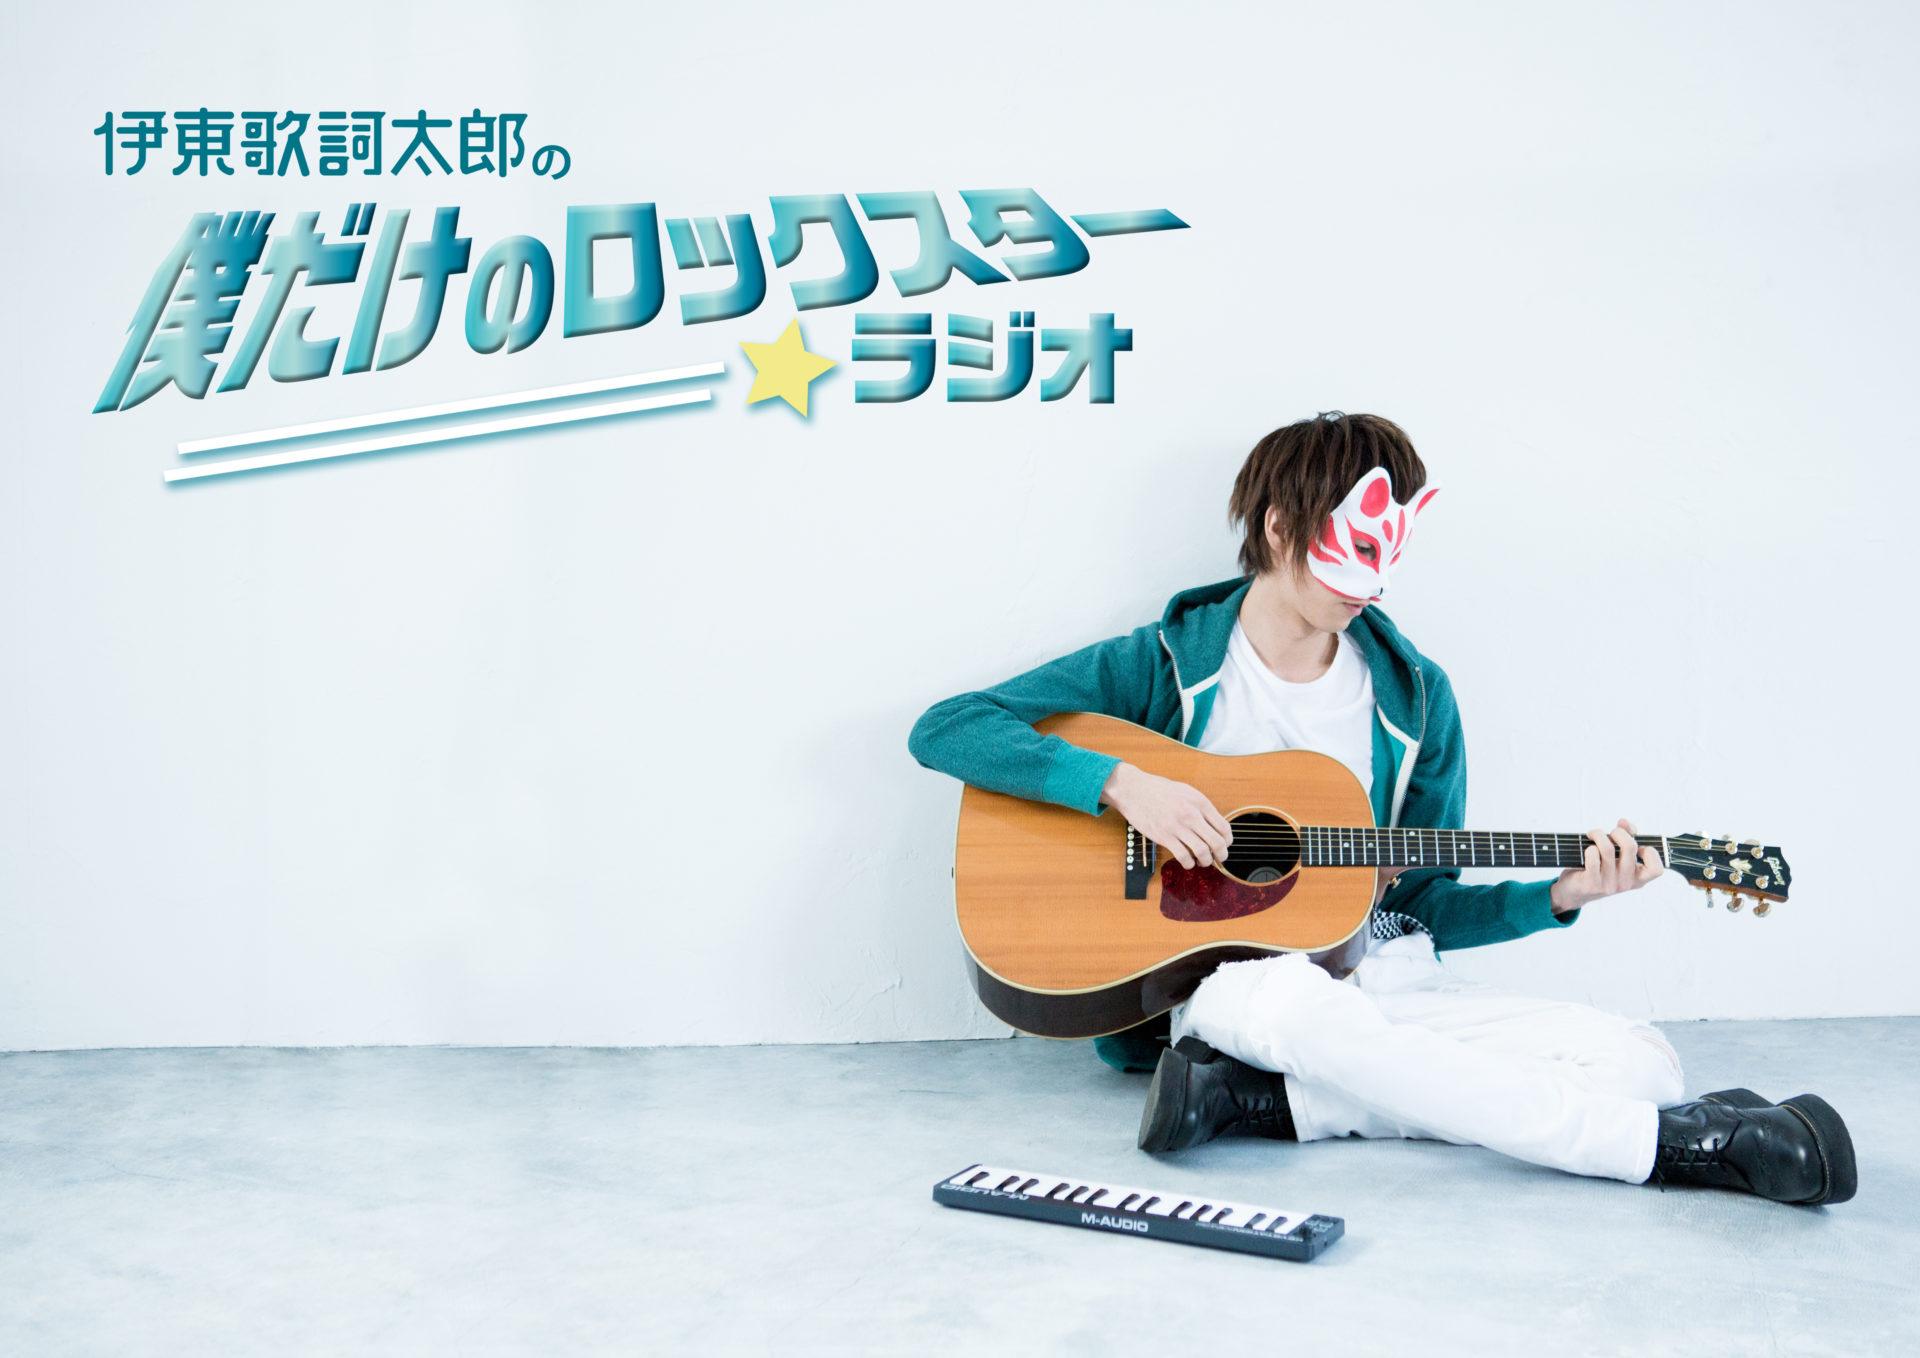 伊藤歌詞太郎のぼくラジメインビジュアル